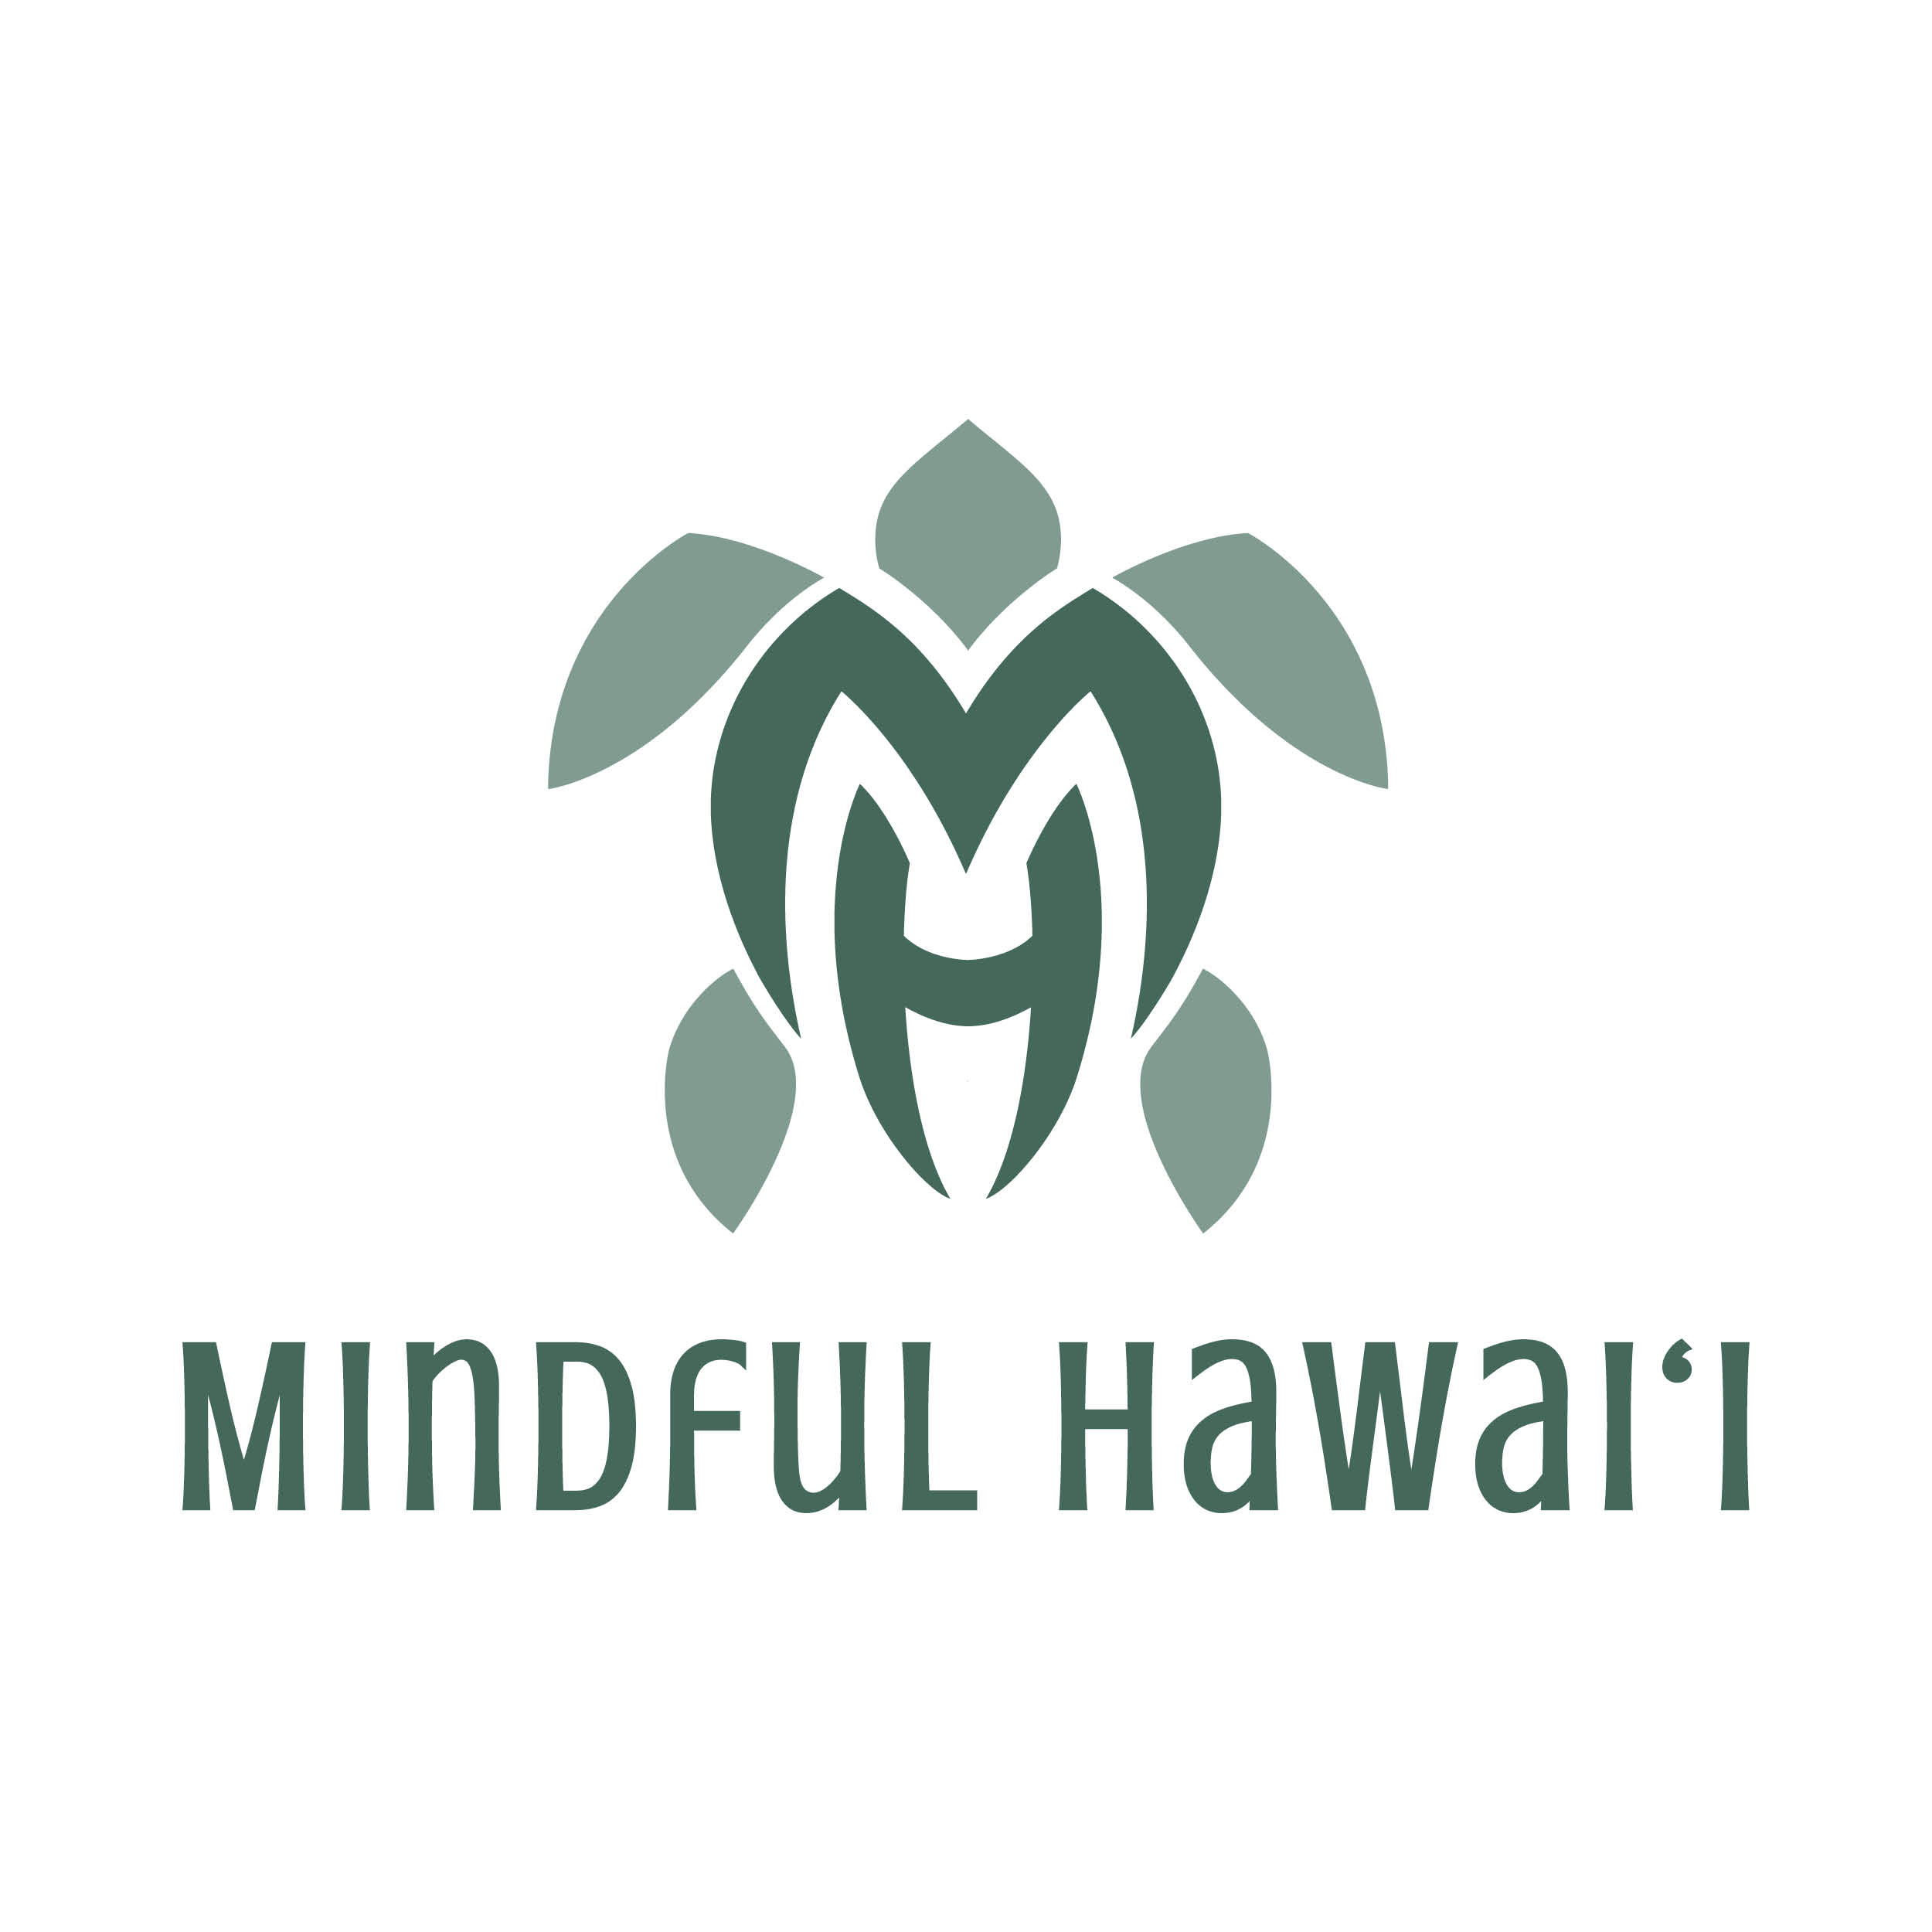 Mindful Hawaii.jpg